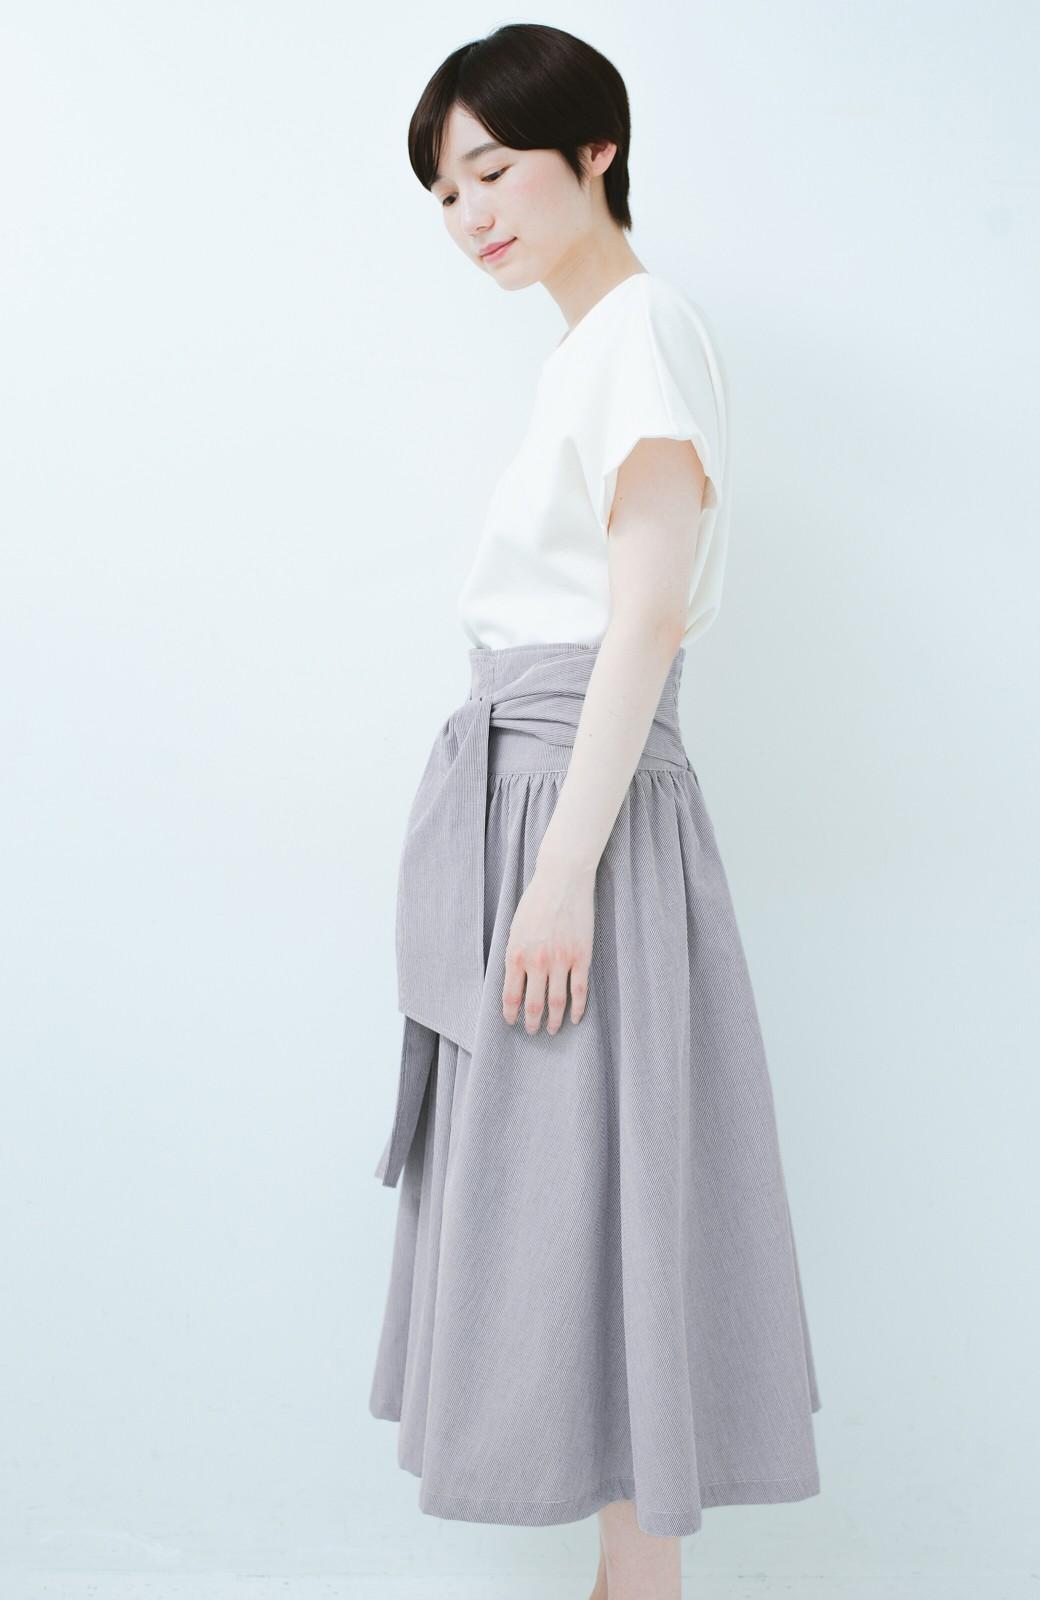 haco! Tシャツと合わせるだけでも女っぽが叶う ウエストリボンのストライプフレアースカート <ブラック系その他>の商品写真12